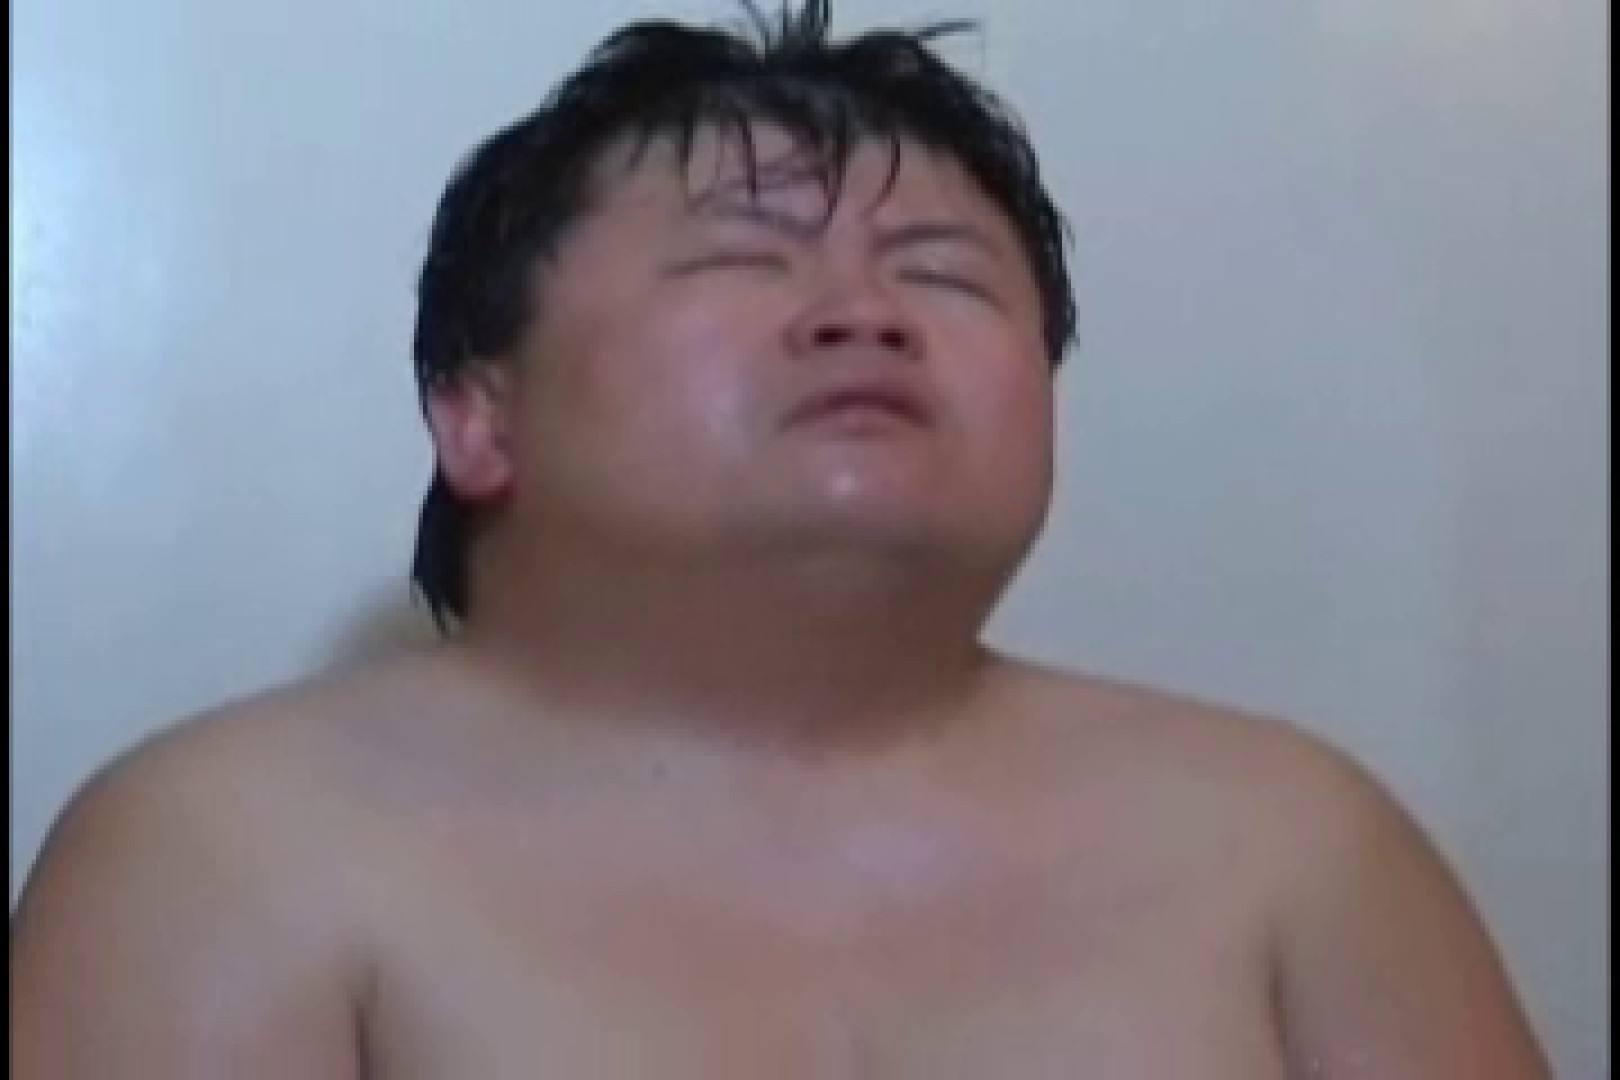 オデブなメガネ君のオナ&アナル攻め! お手で! 男同士動画 94pic 74